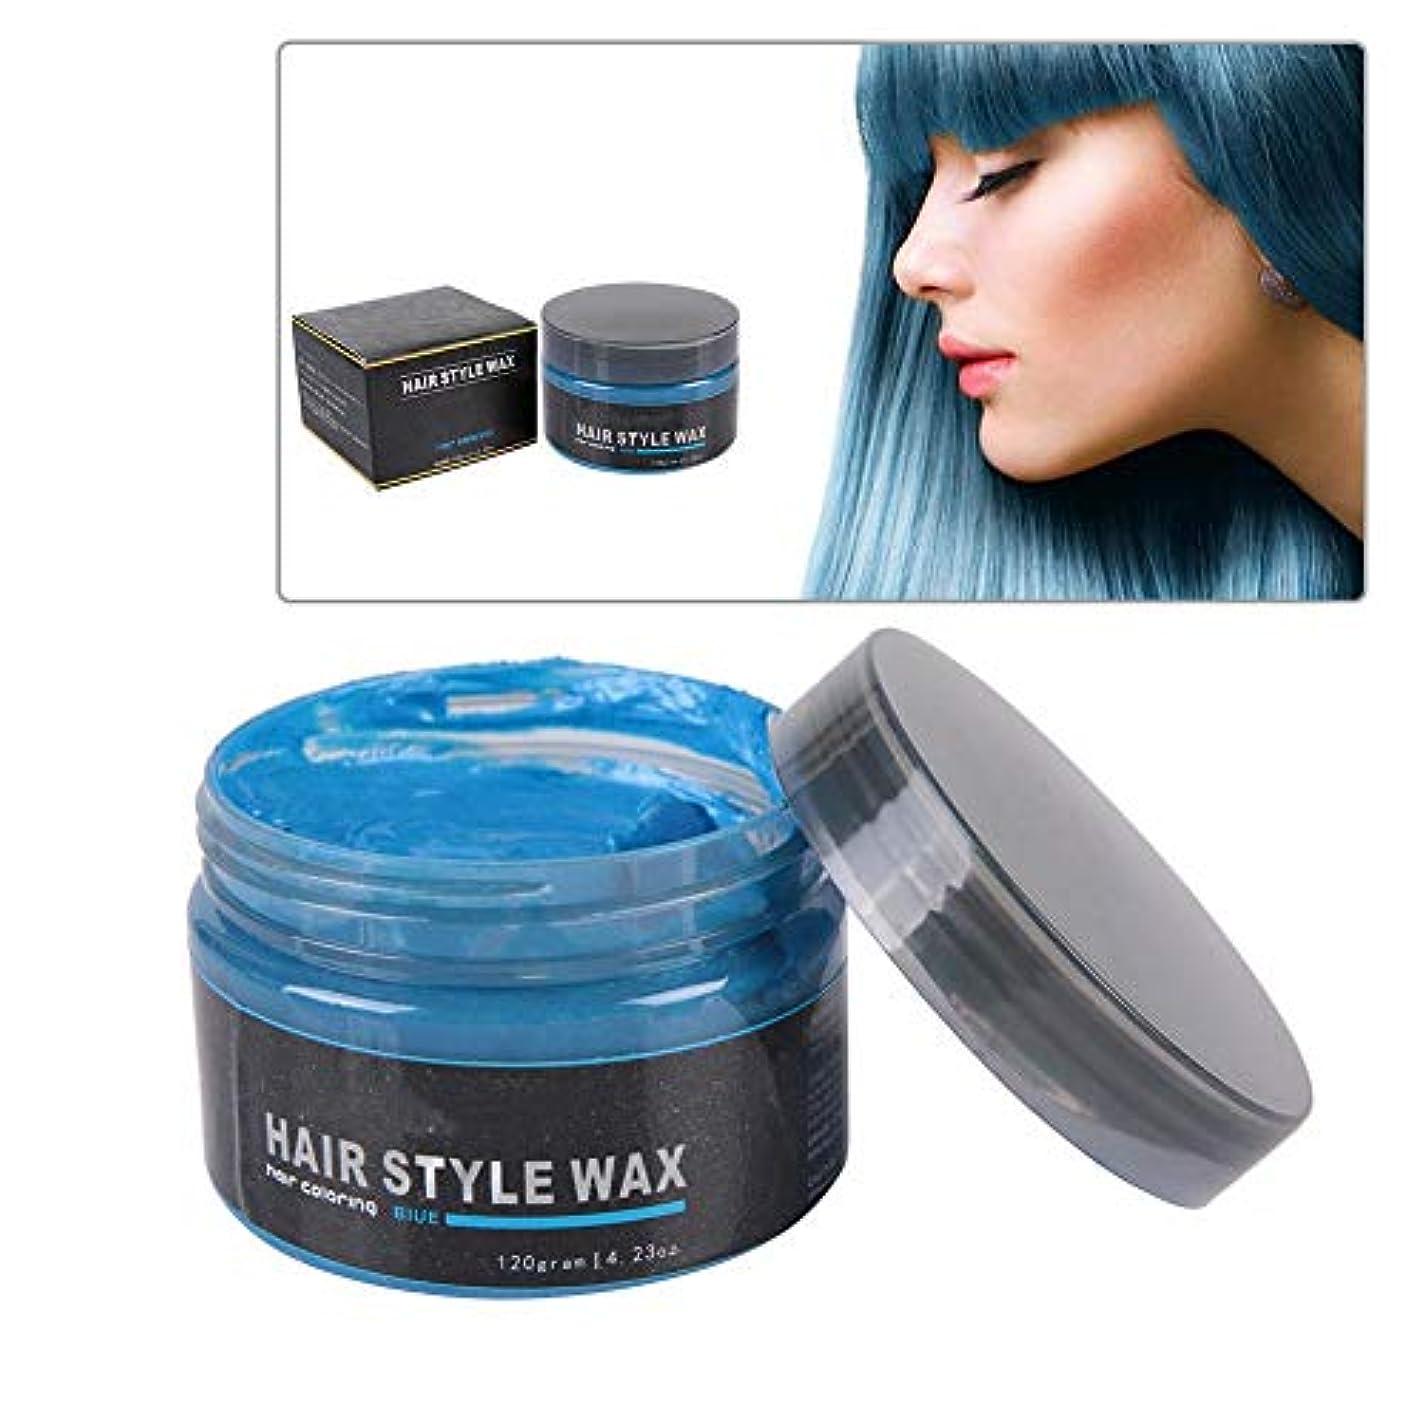 委員長端末蓄積する使い捨ての新しいヘアカラーワックス、染毛剤の着色泥のヘアスタイルモデリングクリーム120グラム(ブルー)